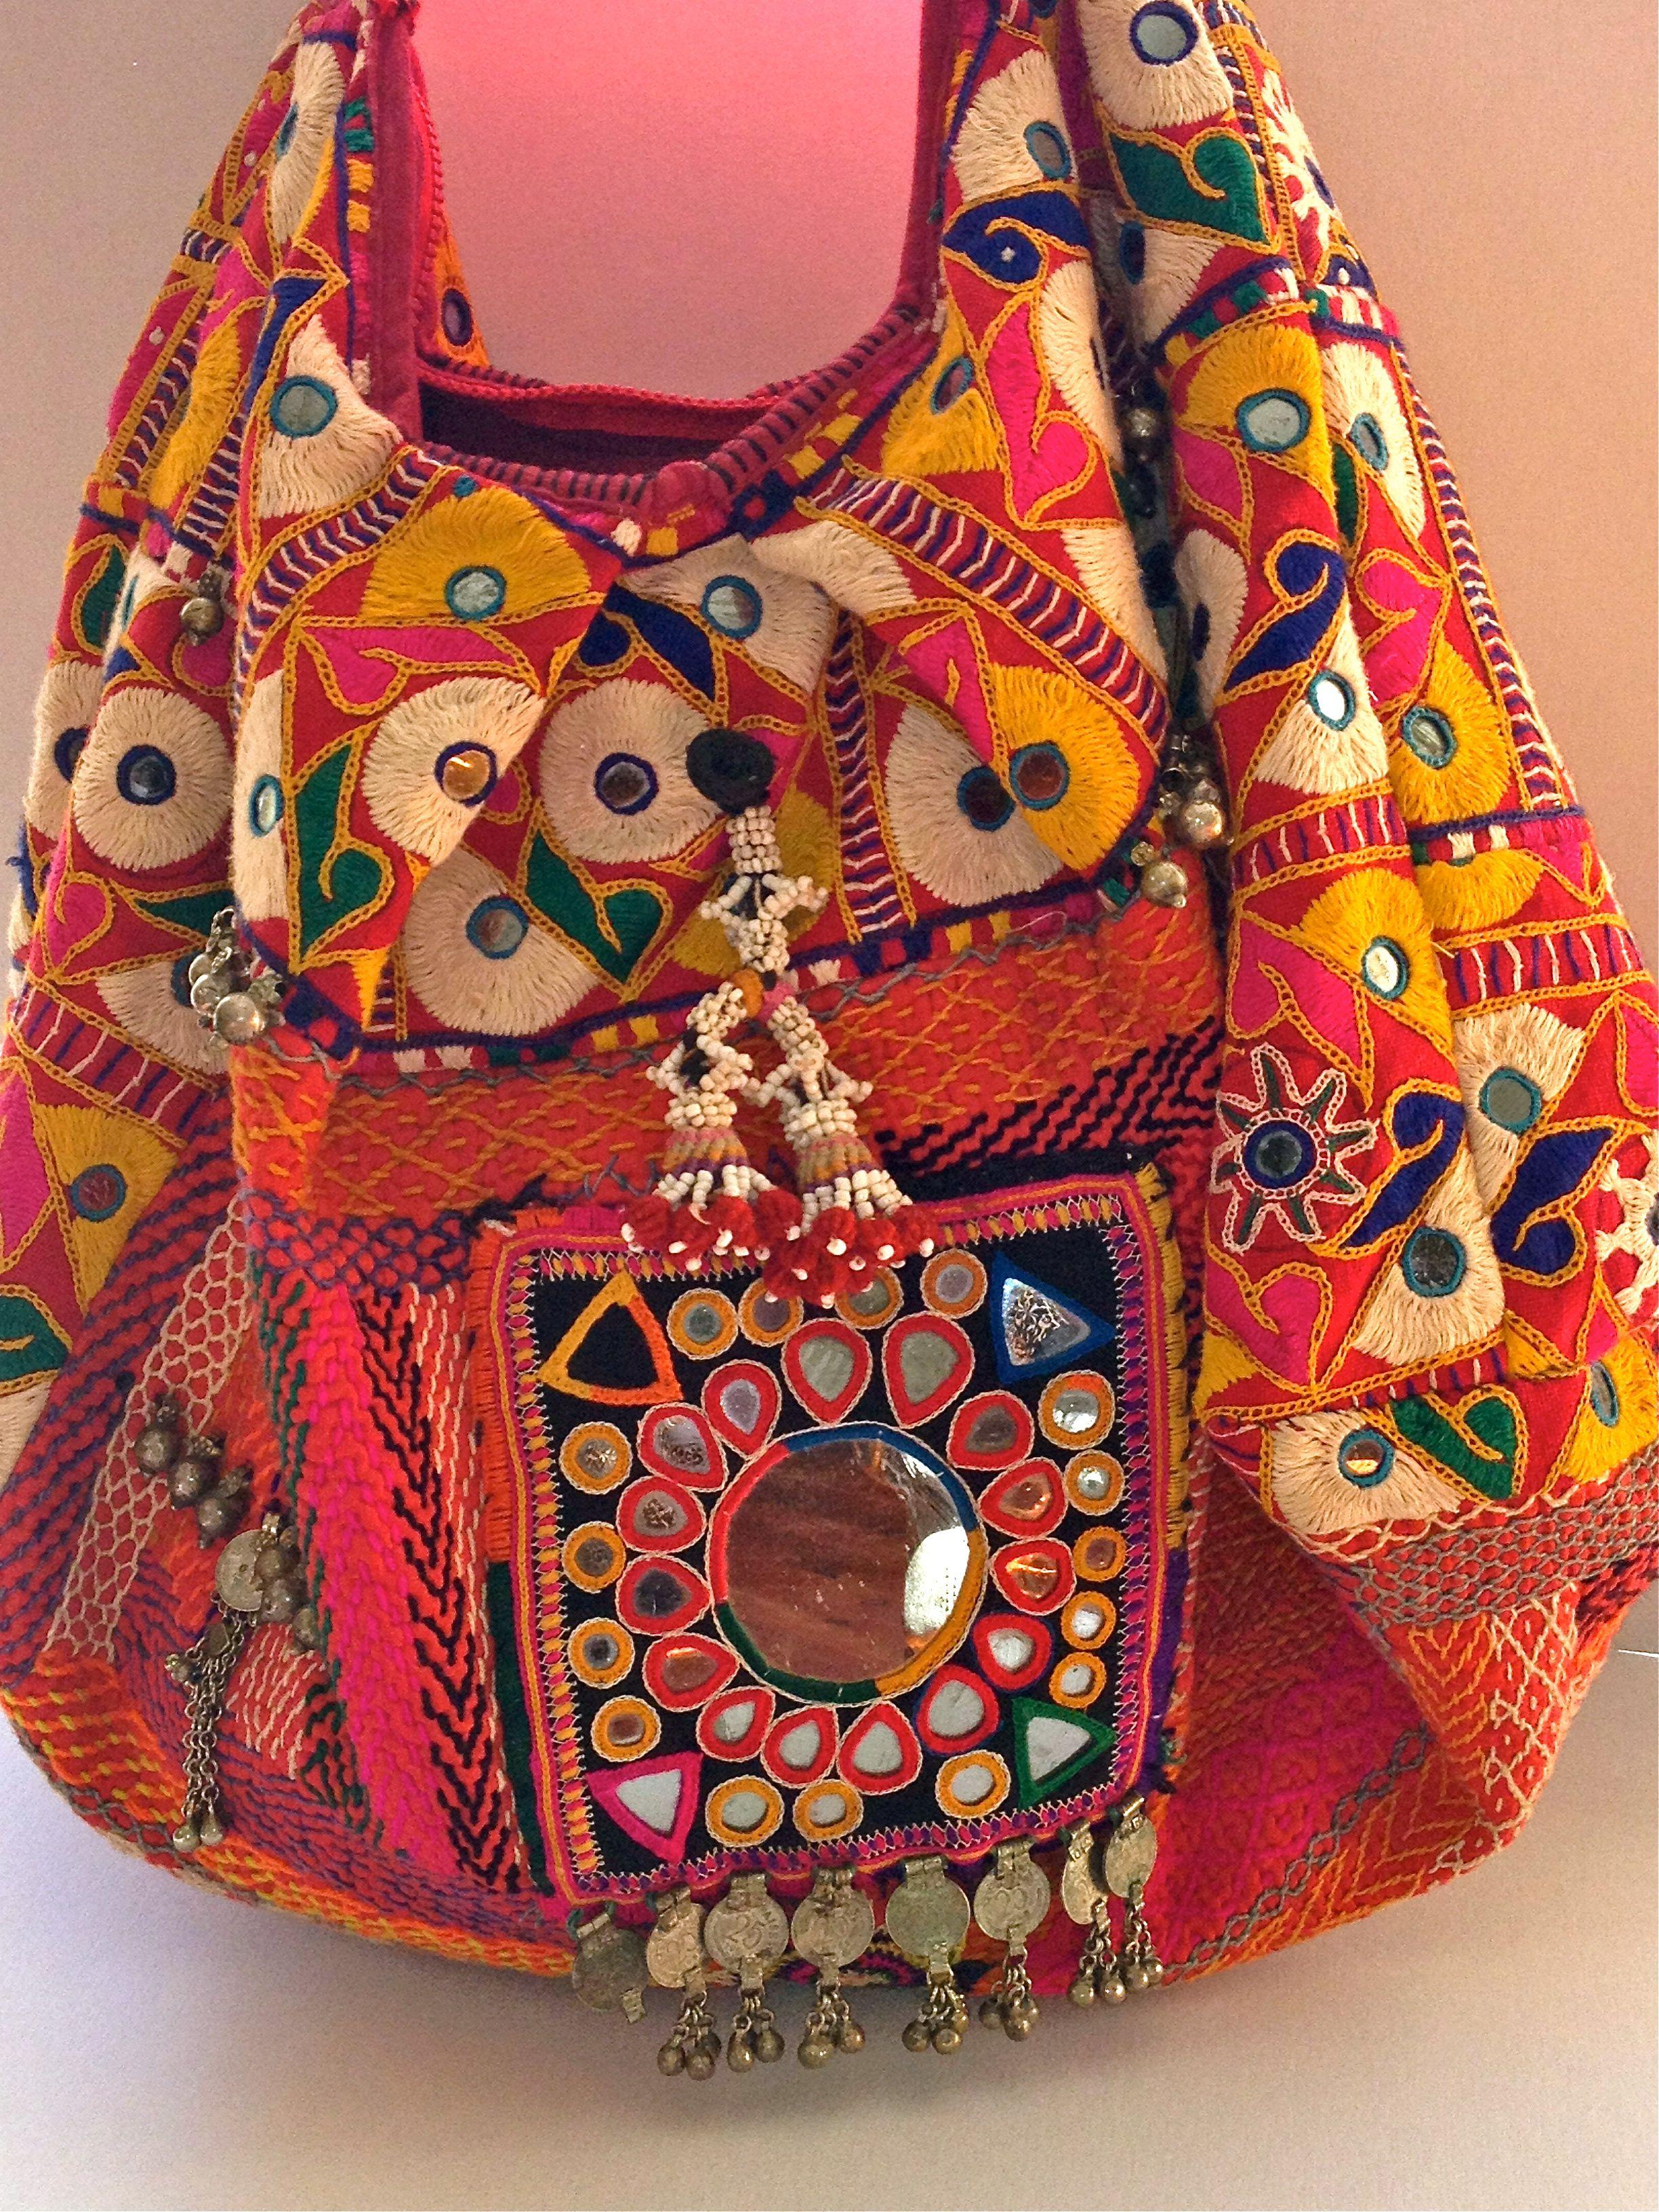 d276a9a8ce1e Banjara Ethnic Bag